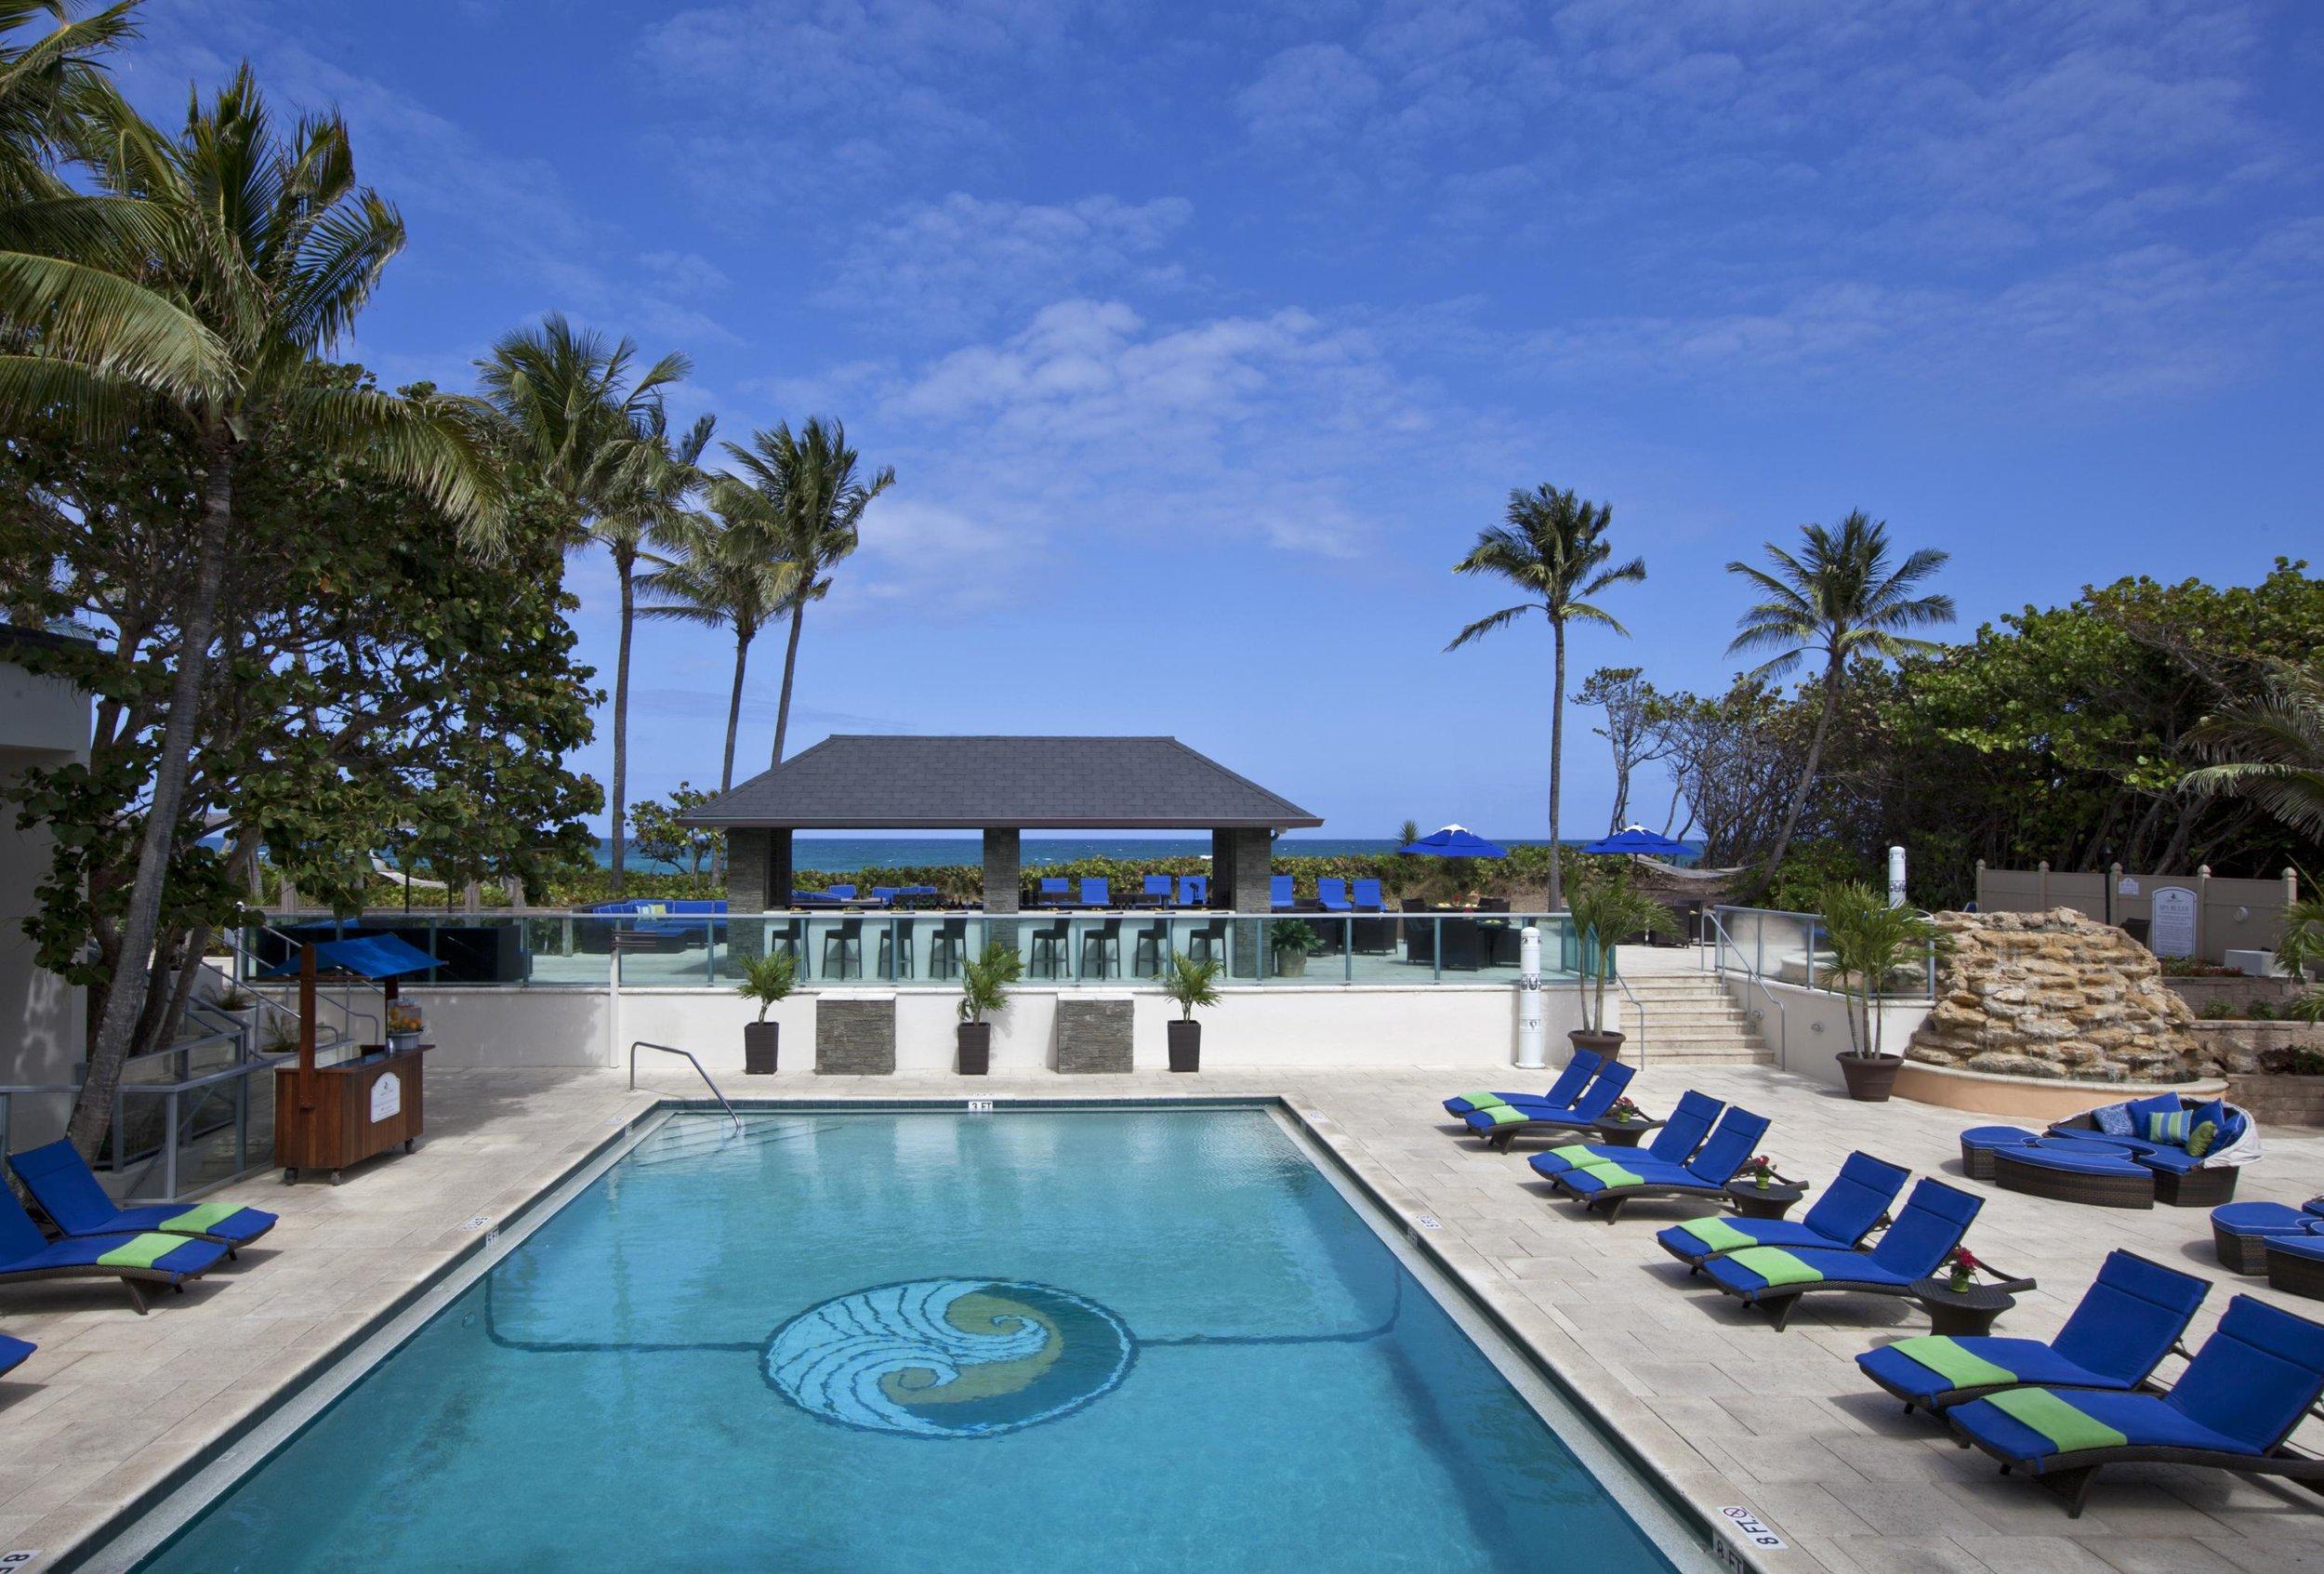 Jupiter Beach Resort Spa Great Black Friday Deals on Hotels